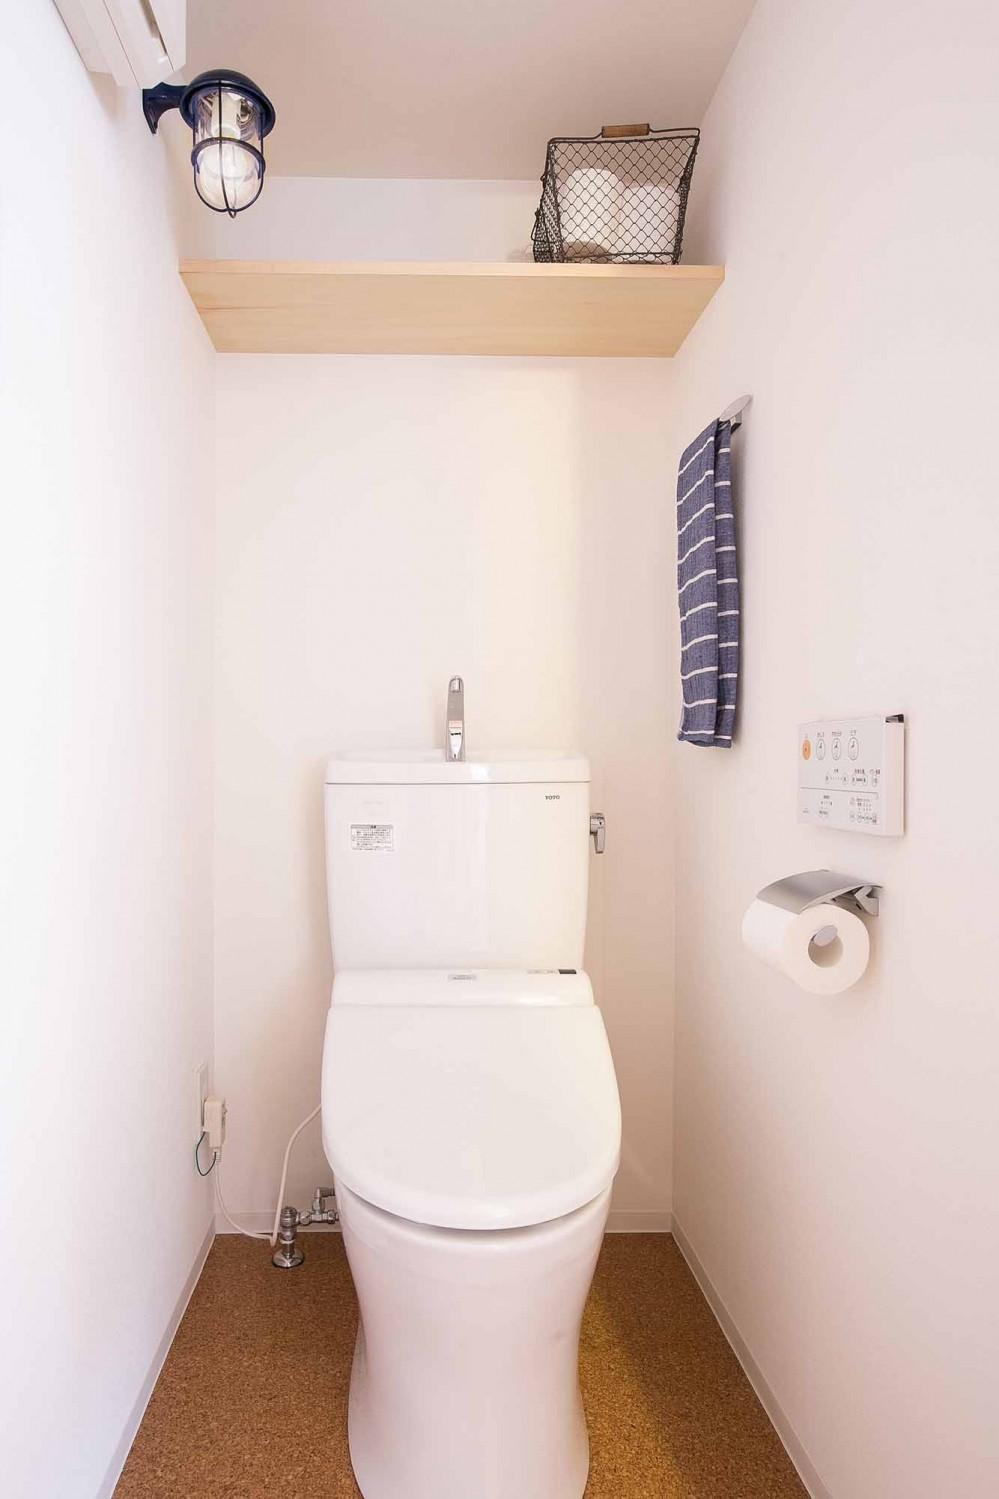 room blue ballen~「妻に心ときめくキッチンを」。想い溢れるワンルーム的リノベーション~ (トイレ)